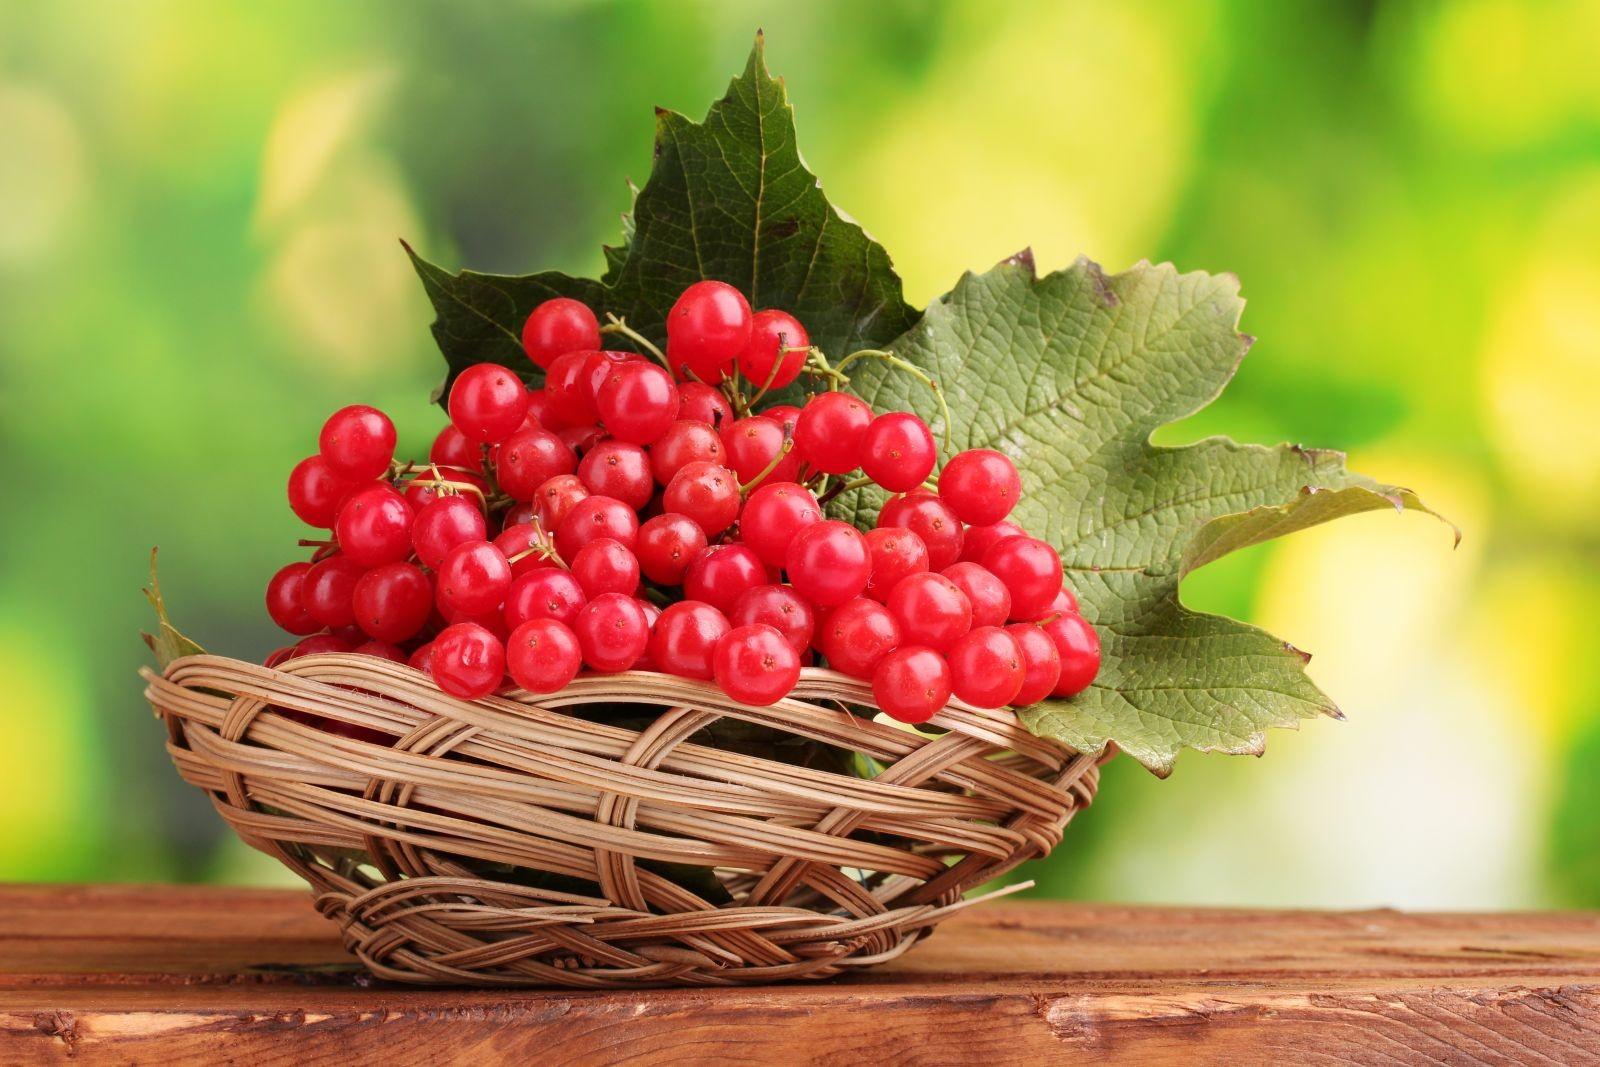 Калина красная - полезные свойства и противопоказания. Лечебные рецепты - применение в народной медицине коры, листьев, ягод калины